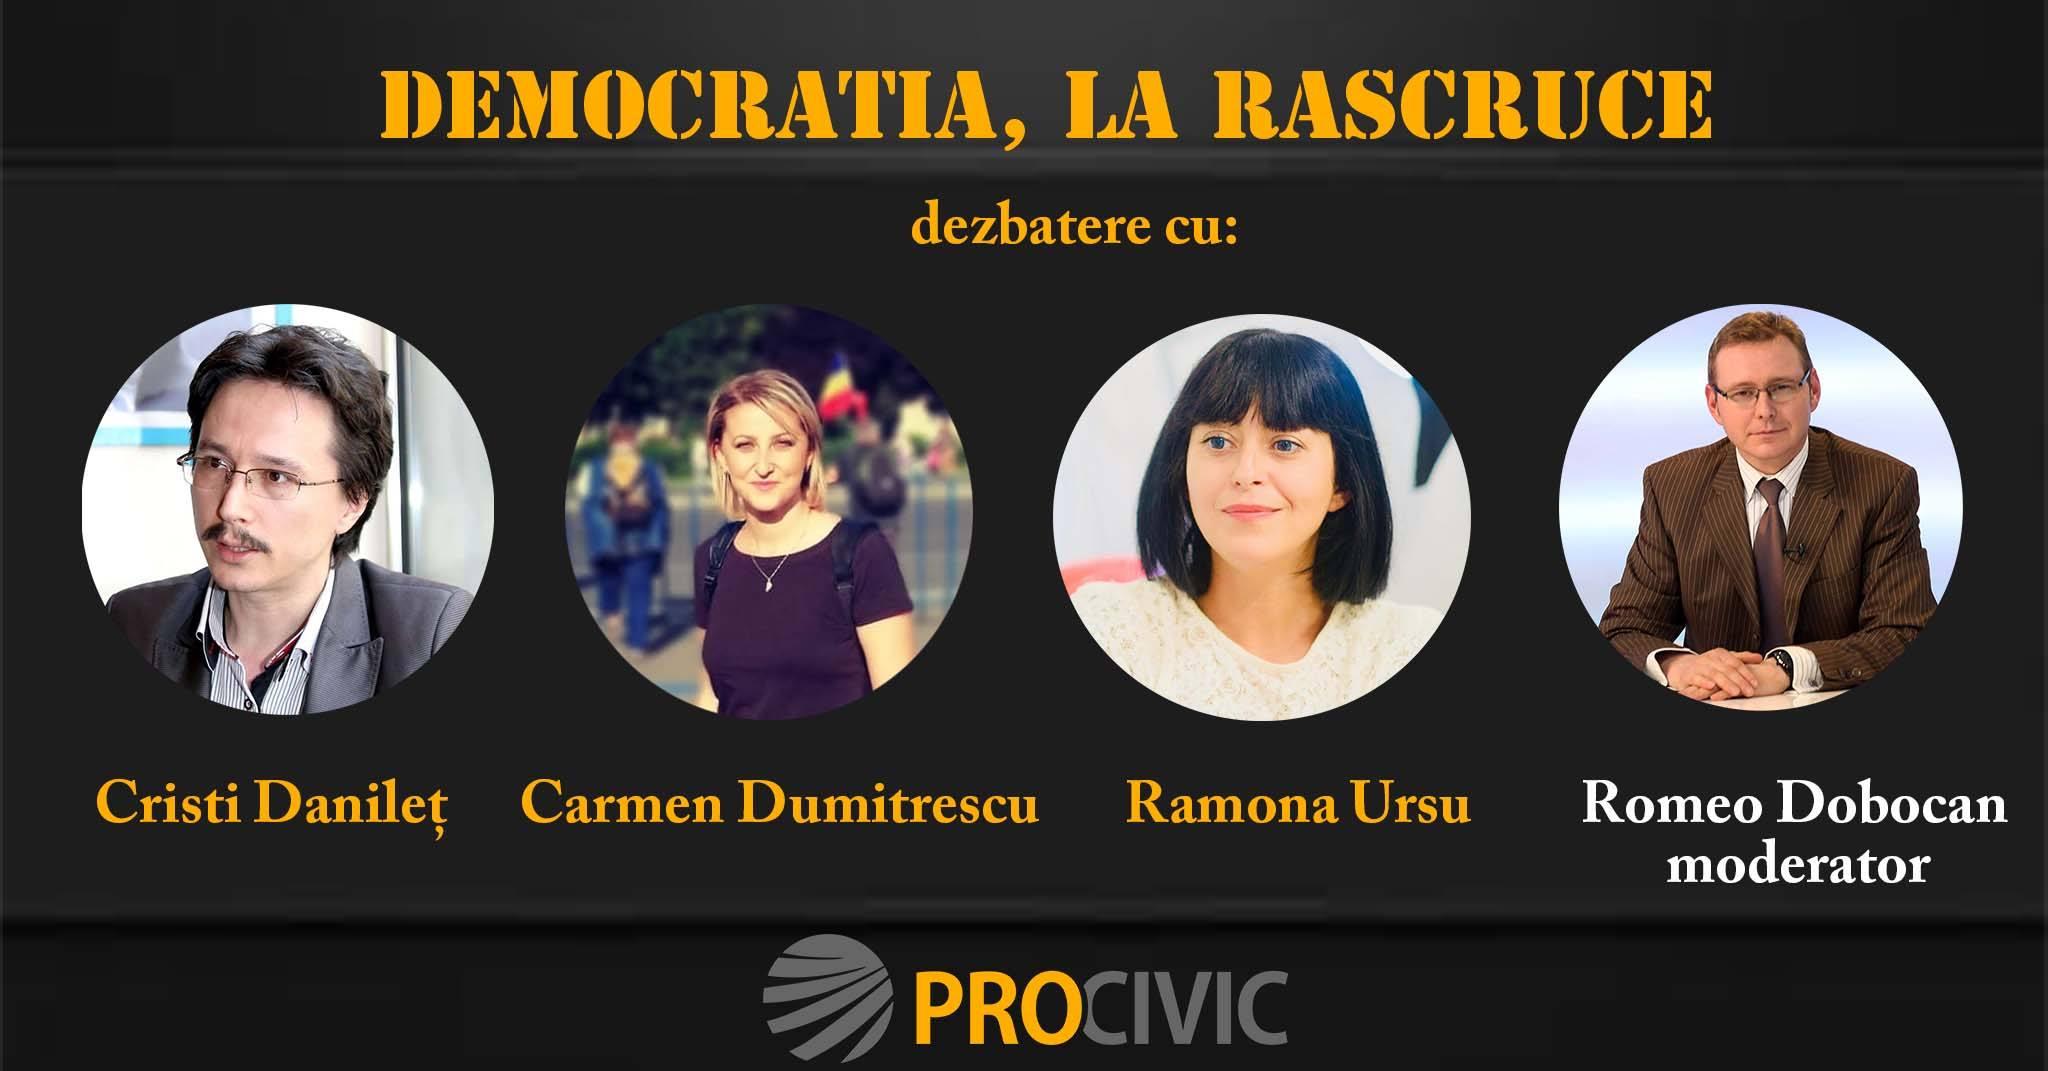 Eveniment: Democratia, la rascruce